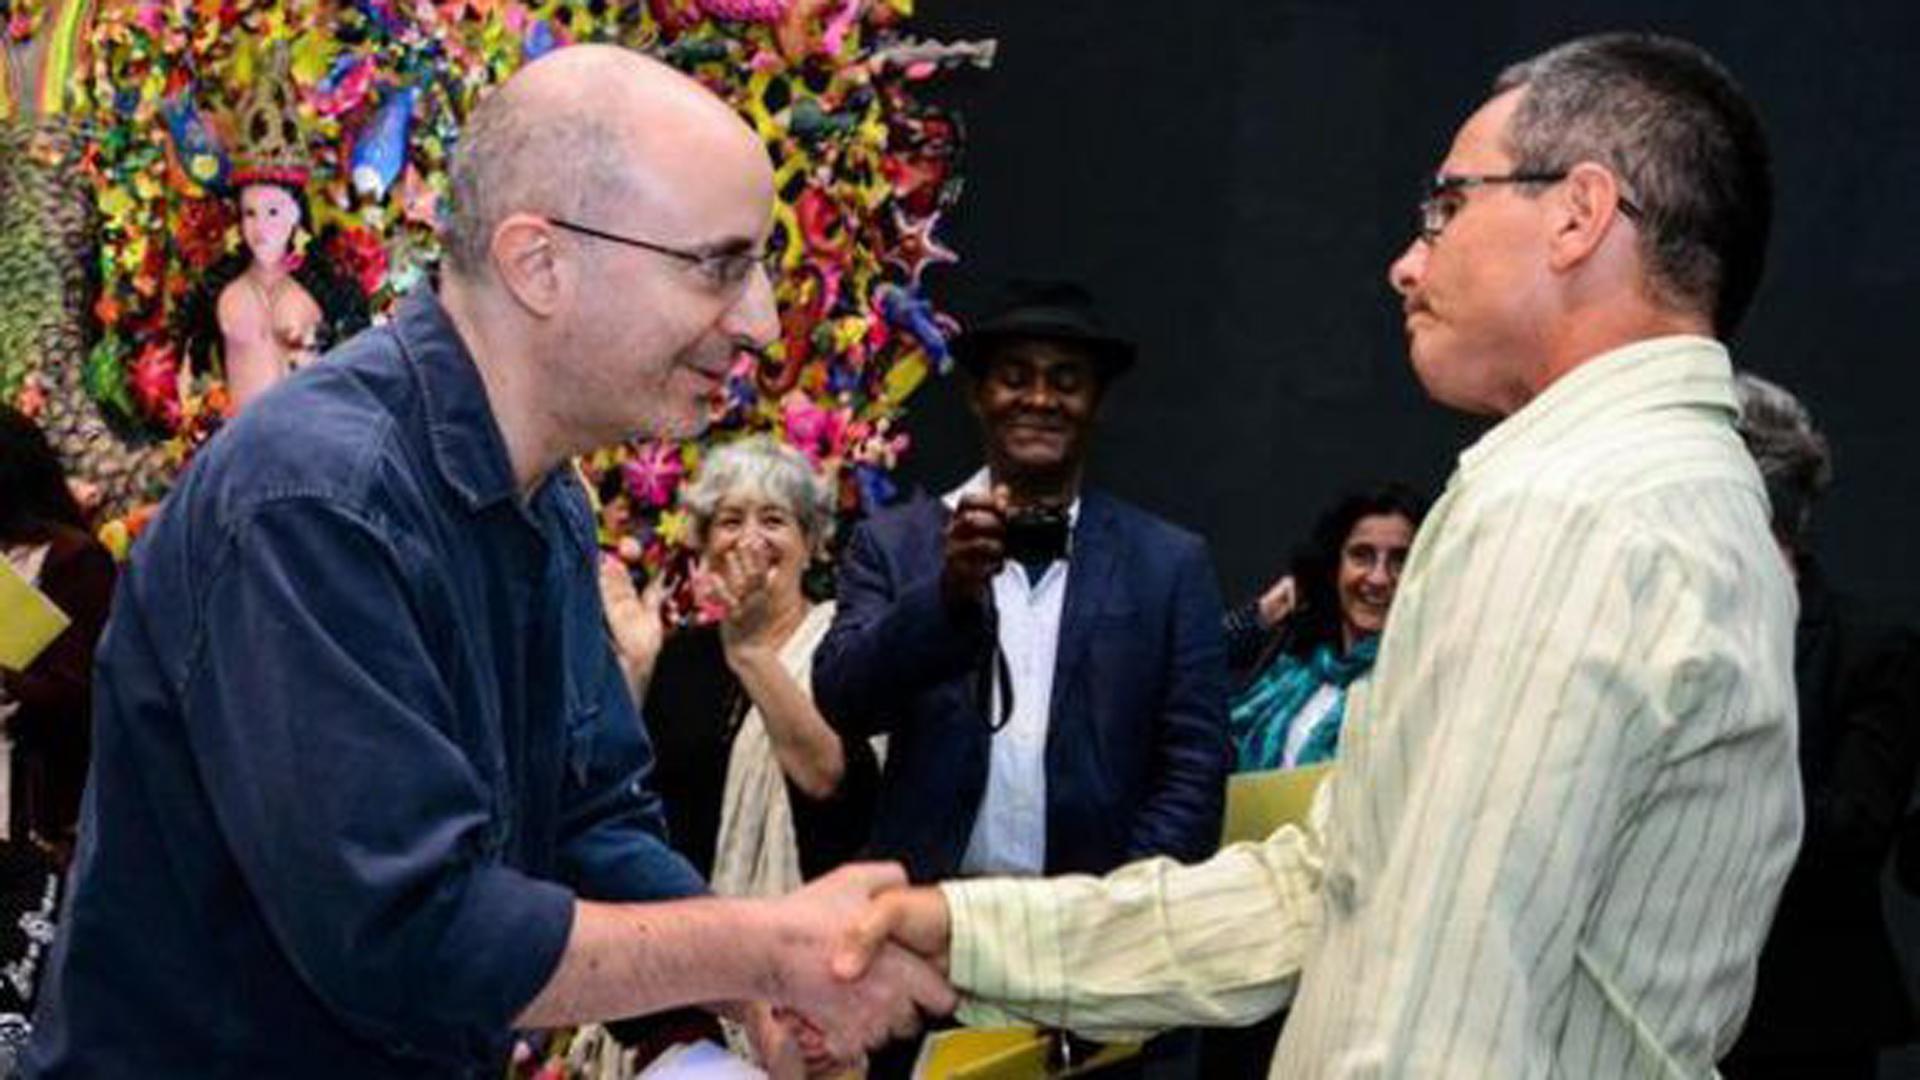 El escritor cubano Rafael Águila (D), obtuvo el Premio Casa de Las Américas, en la categoría de cuento, en acto realizado en la sede de esa institución cultural, en La Habana. Foto: Abel Padrón Padilla / ACN